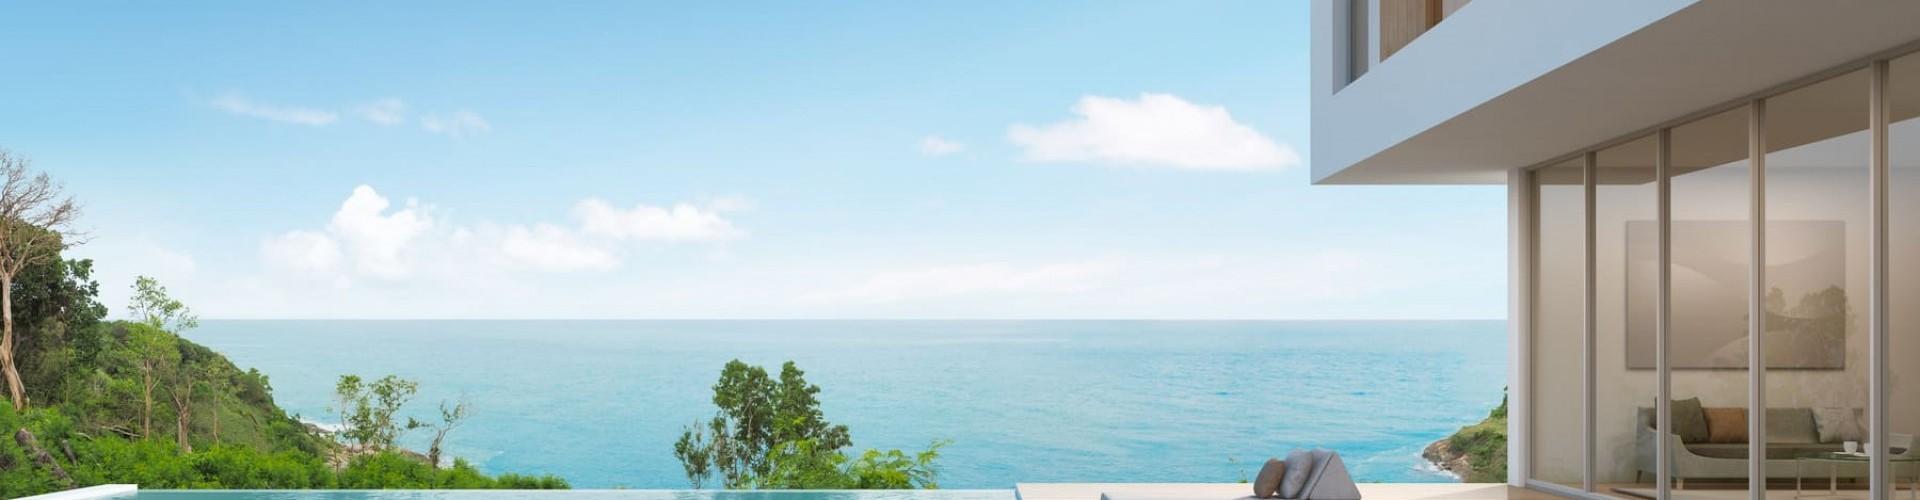 Mallorca, uno de los mejores lugares para vivir